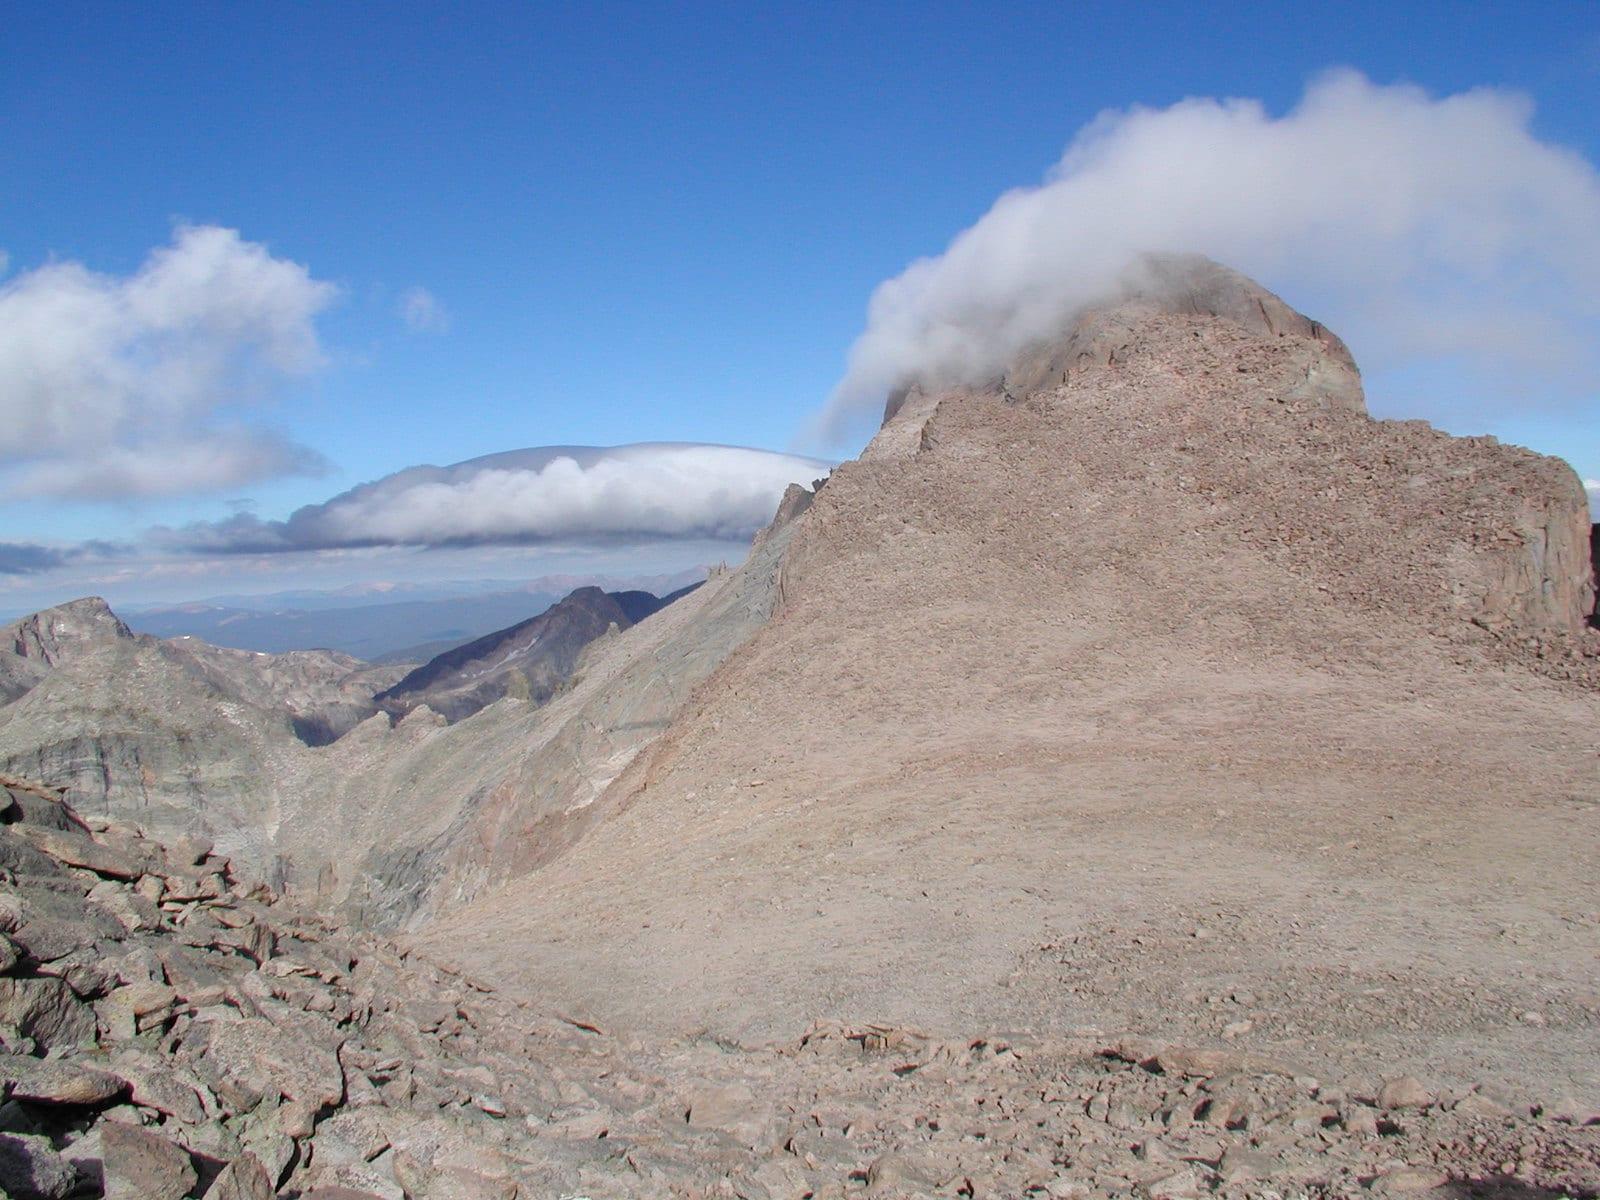 Clouds at Longs Peak, CO